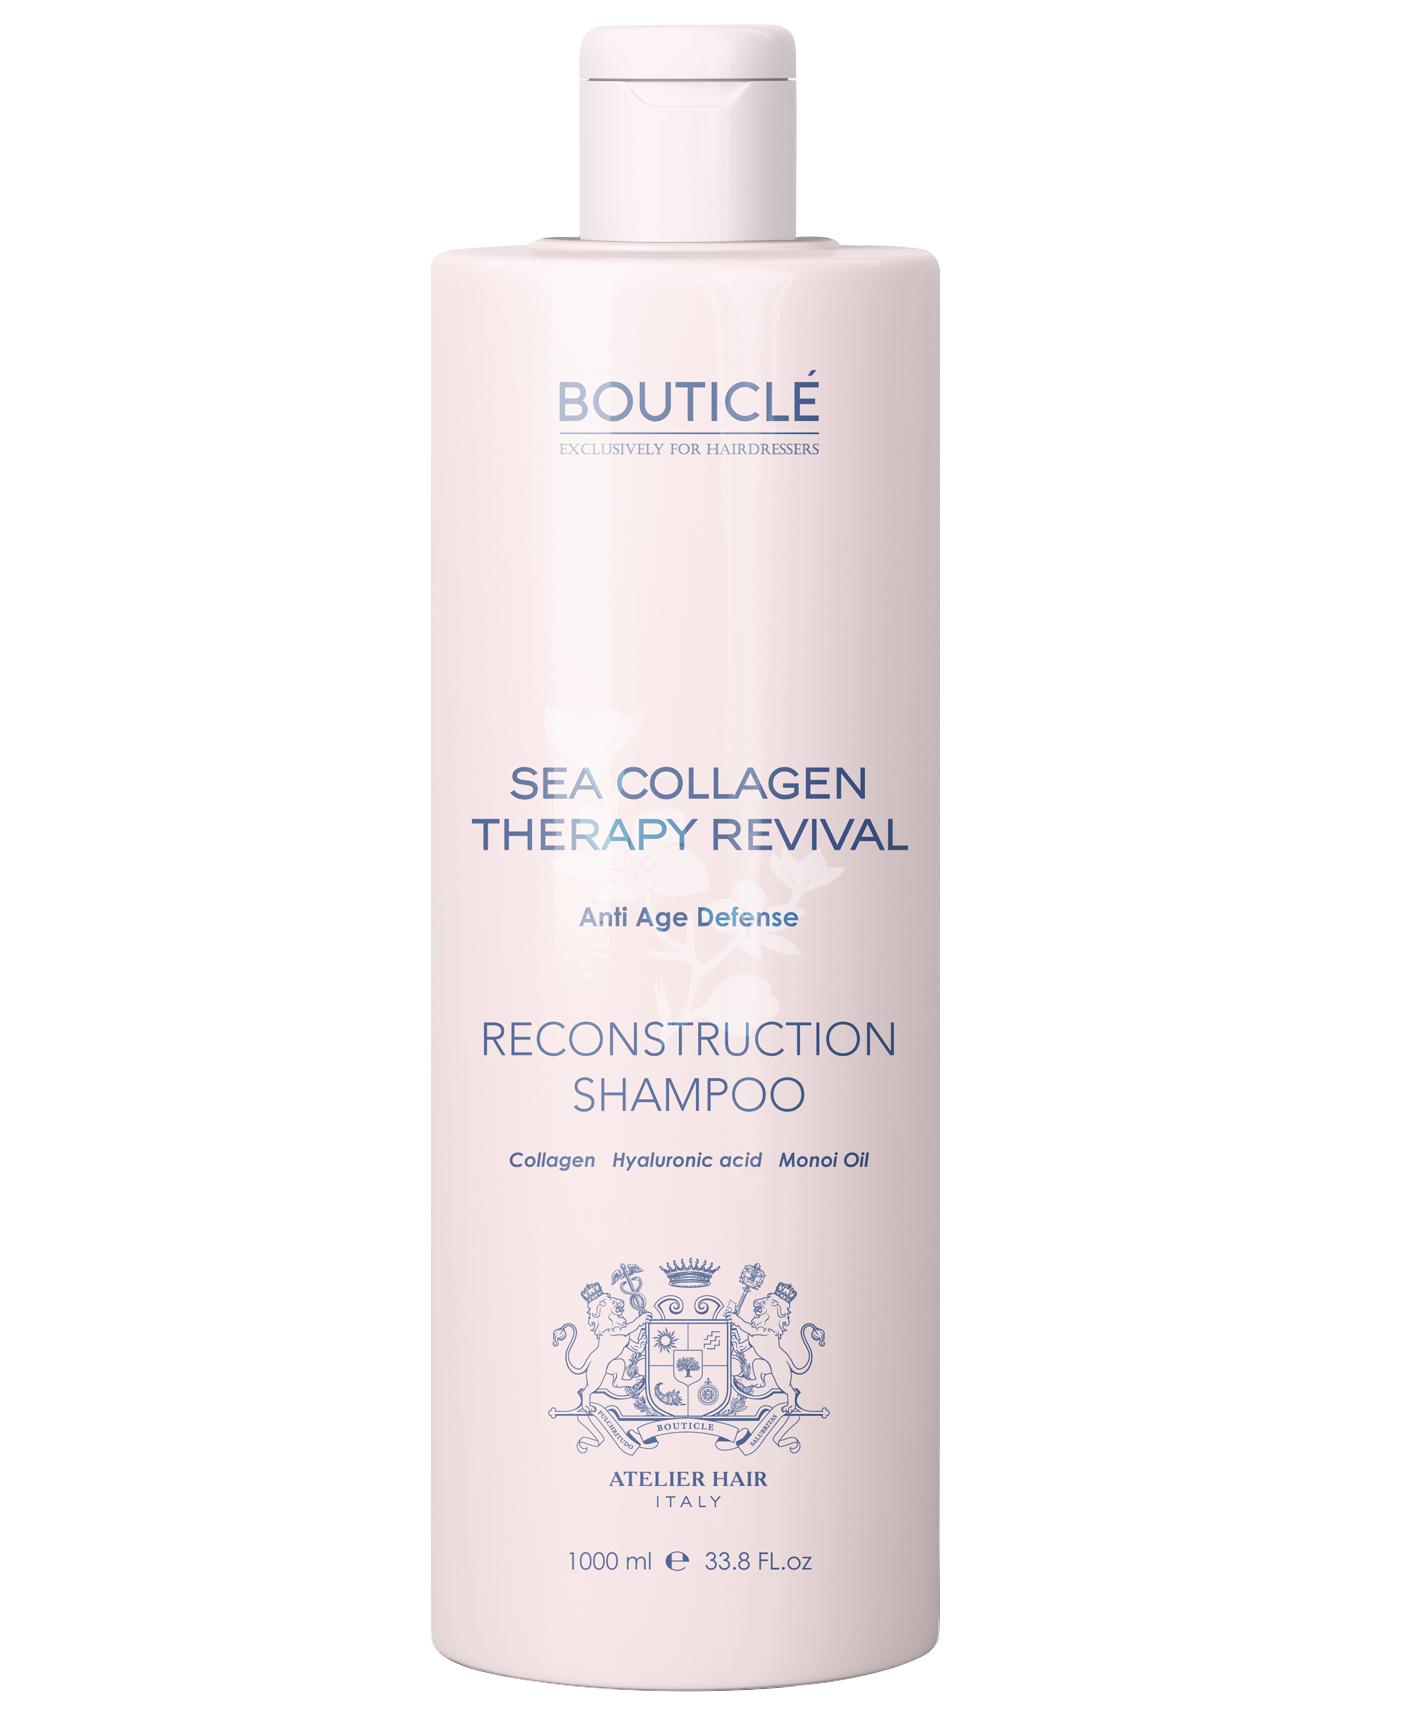 Купить BOUTICLE Шампунь коллагеновый восстанавливающий / Sea Collagen Therapy Revival RECONSTRUCTION SHAMPOO 1000 мл